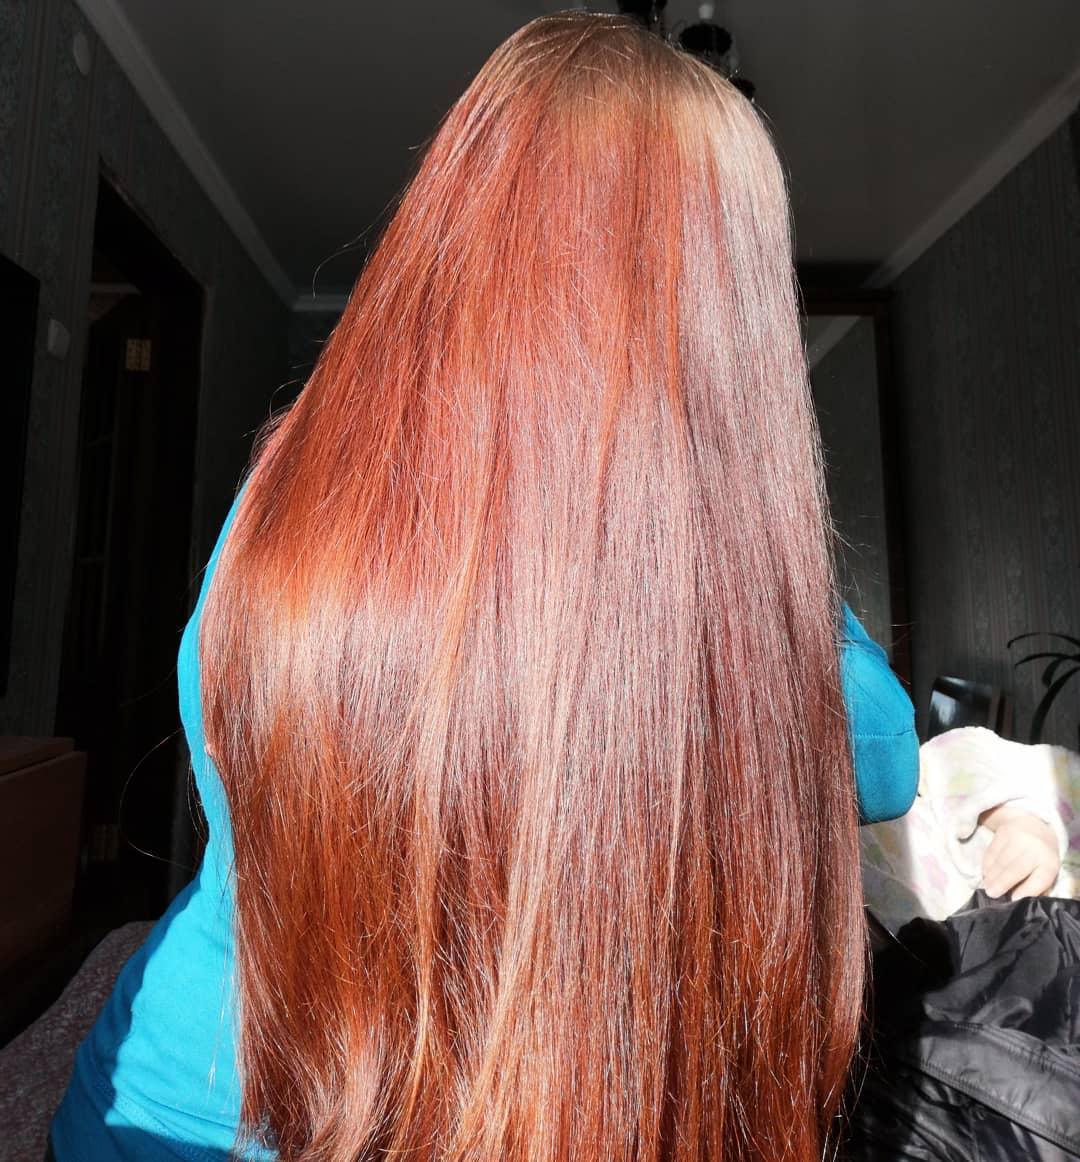 Рост волос: Старый, но любимый пост, информация, которую я бы хотела до всех донести Стимуляция р...